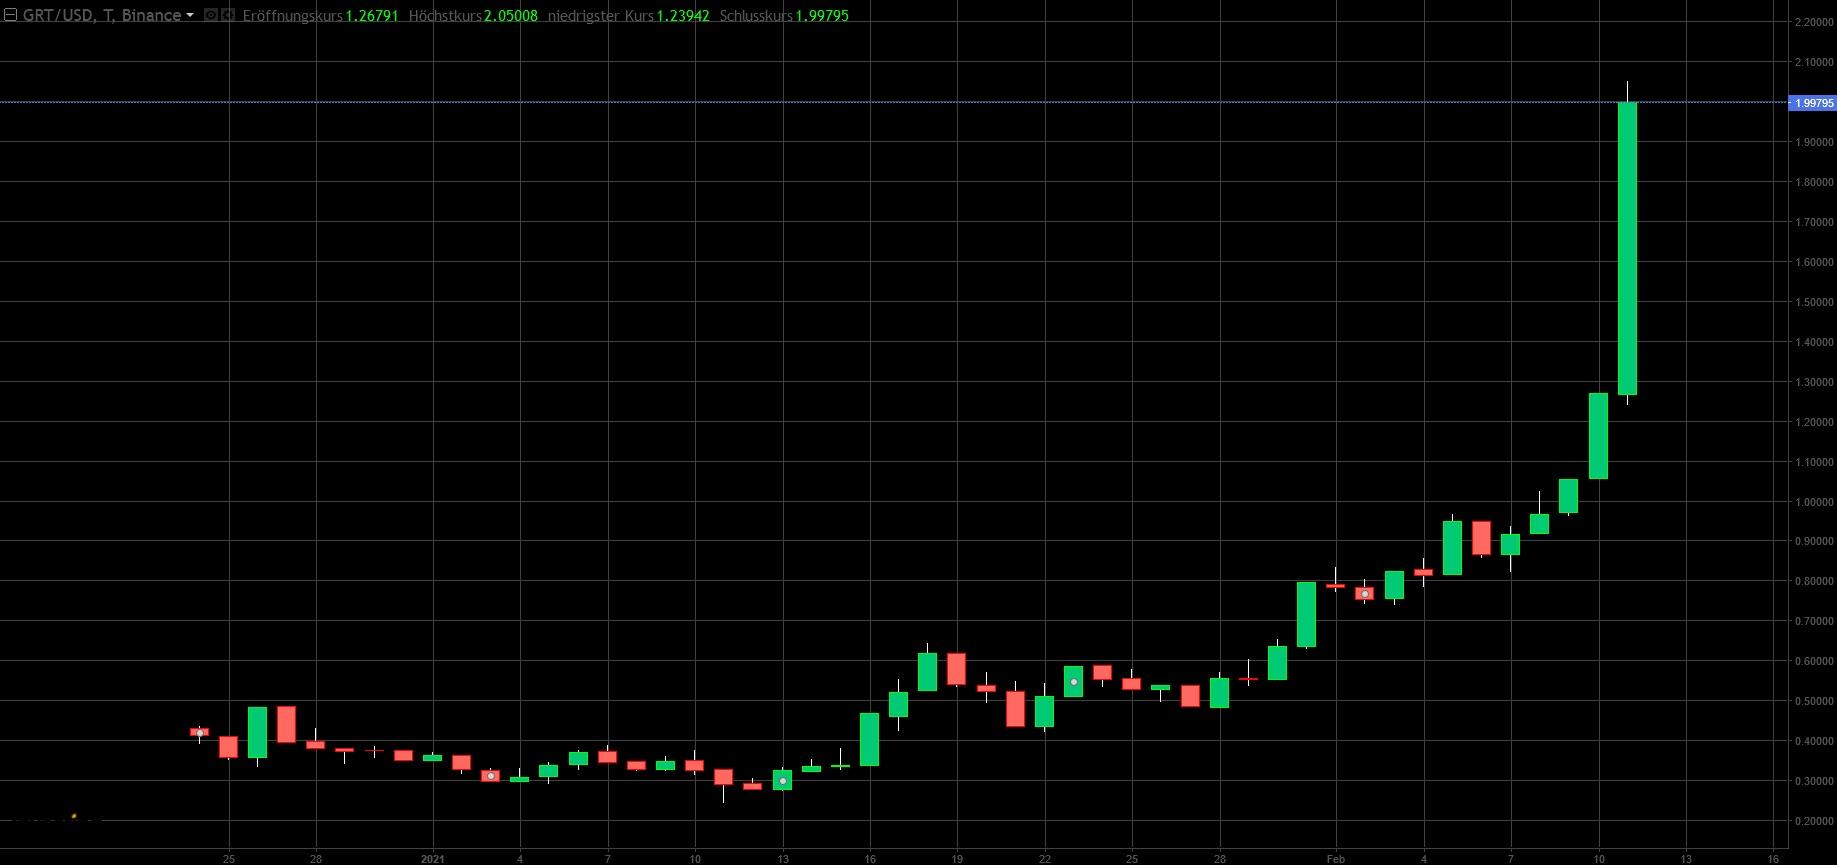 Kursverlauf der Kryptowährung The Graph